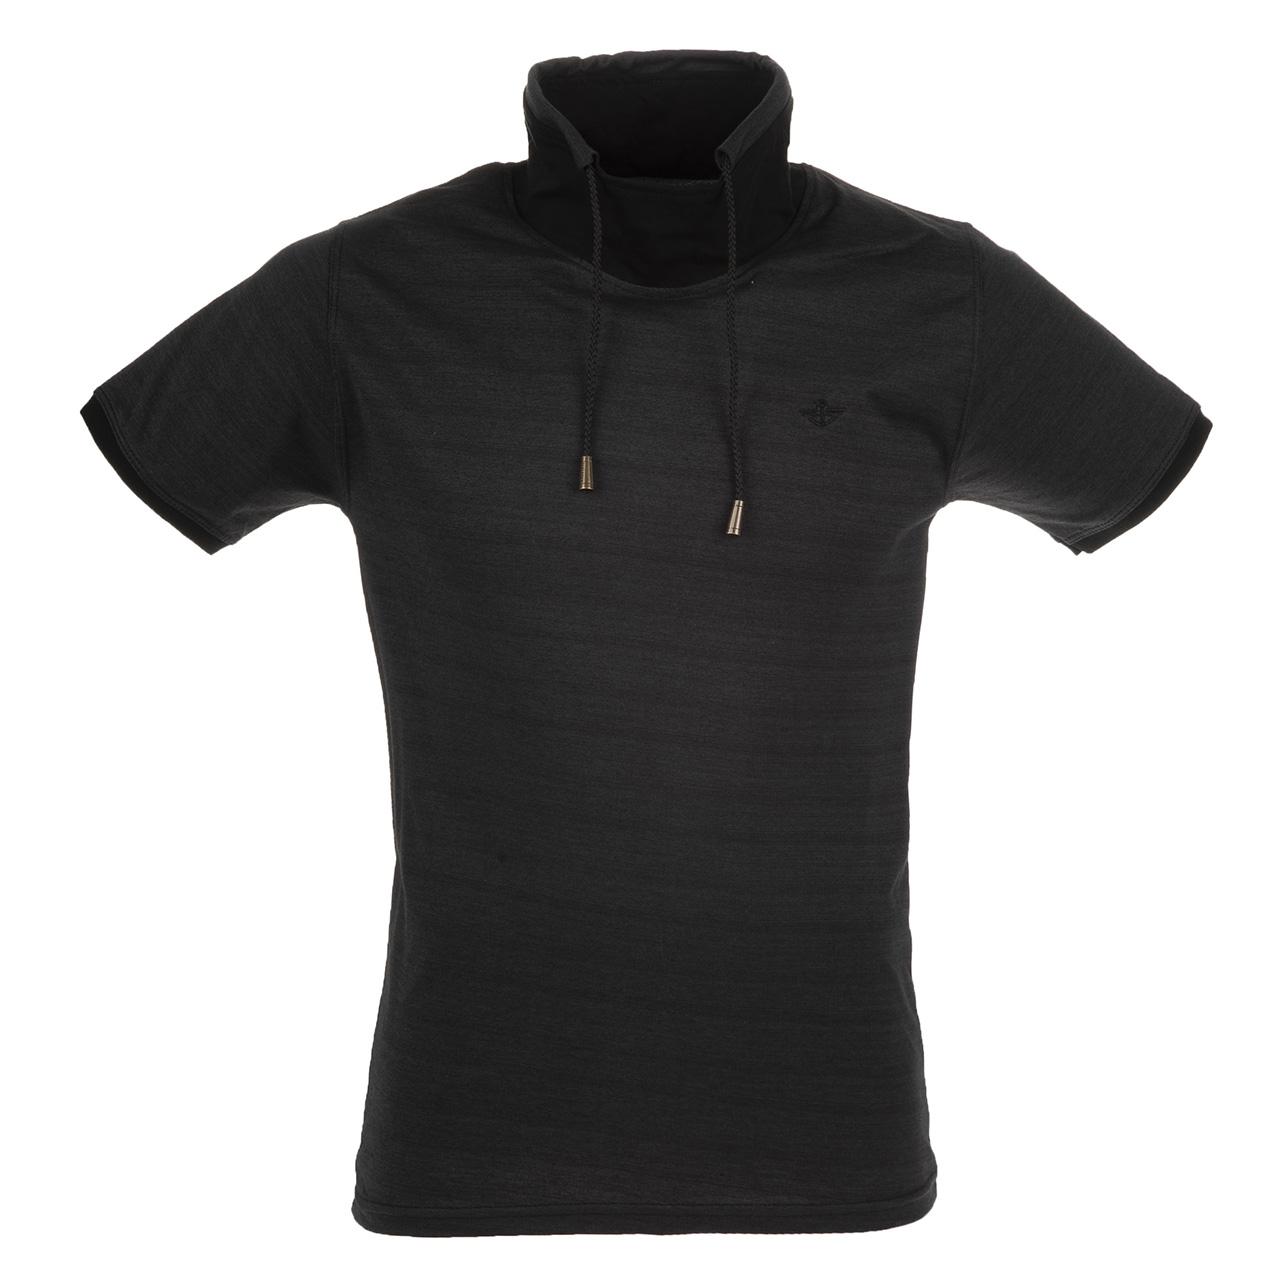 تی شرت آستین کوتاه مردانه تارکان کد 285-1